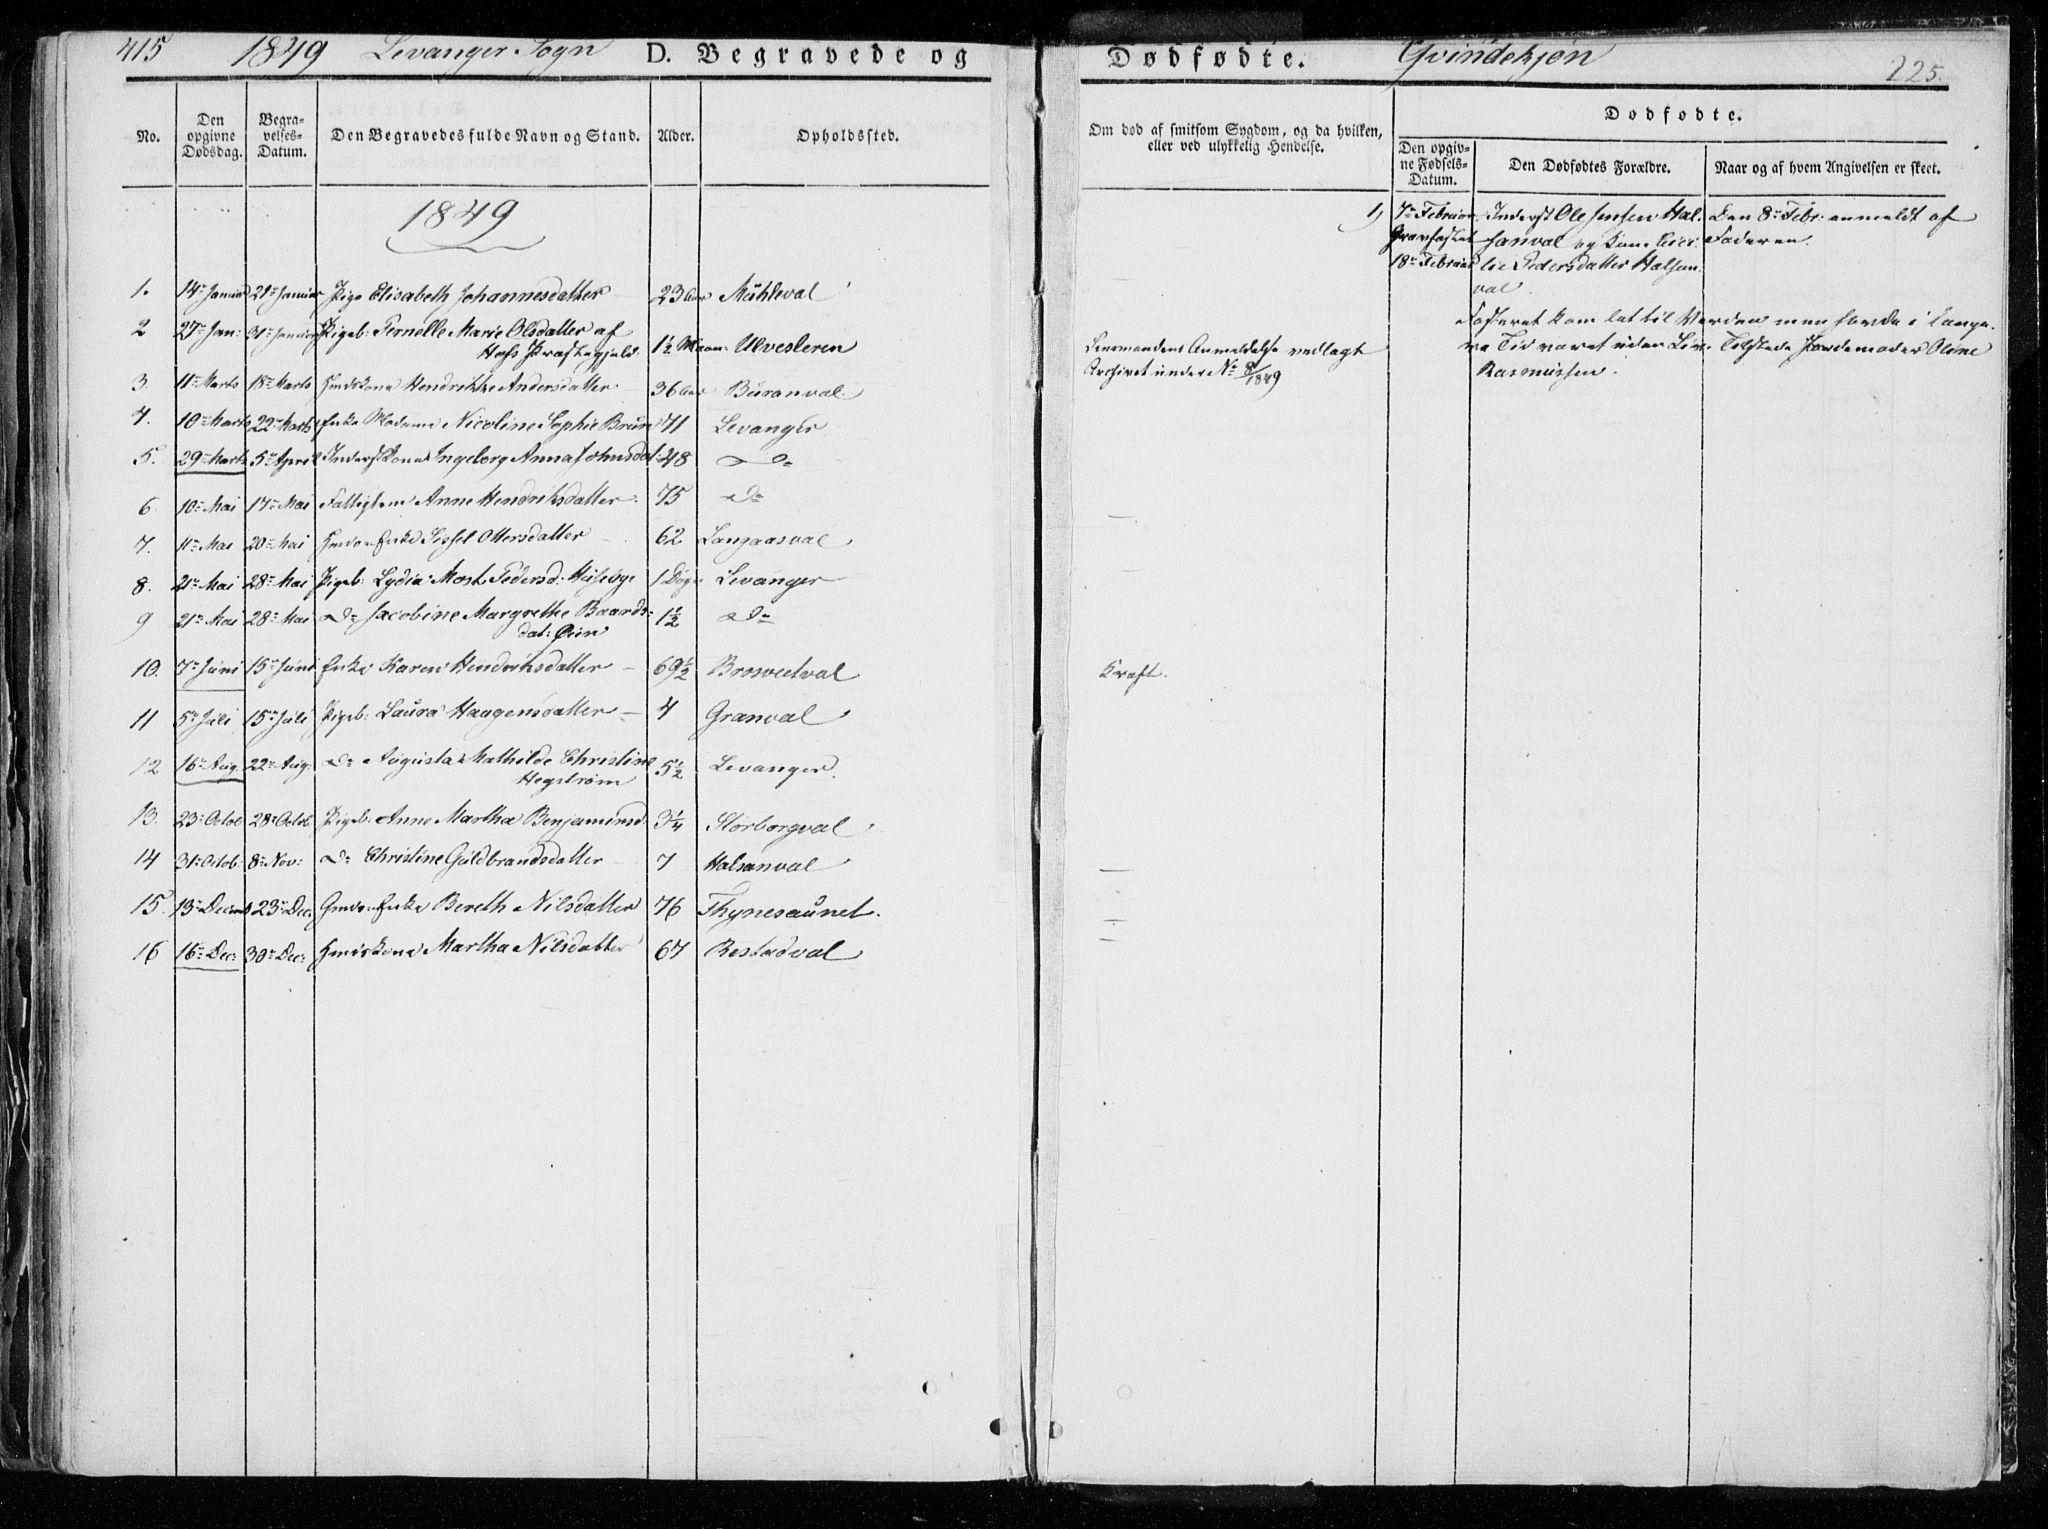 SAT, Ministerialprotokoller, klokkerbøker og fødselsregistre - Nord-Trøndelag, 720/L0183: Ministerialbok nr. 720A01, 1836-1855, s. 225